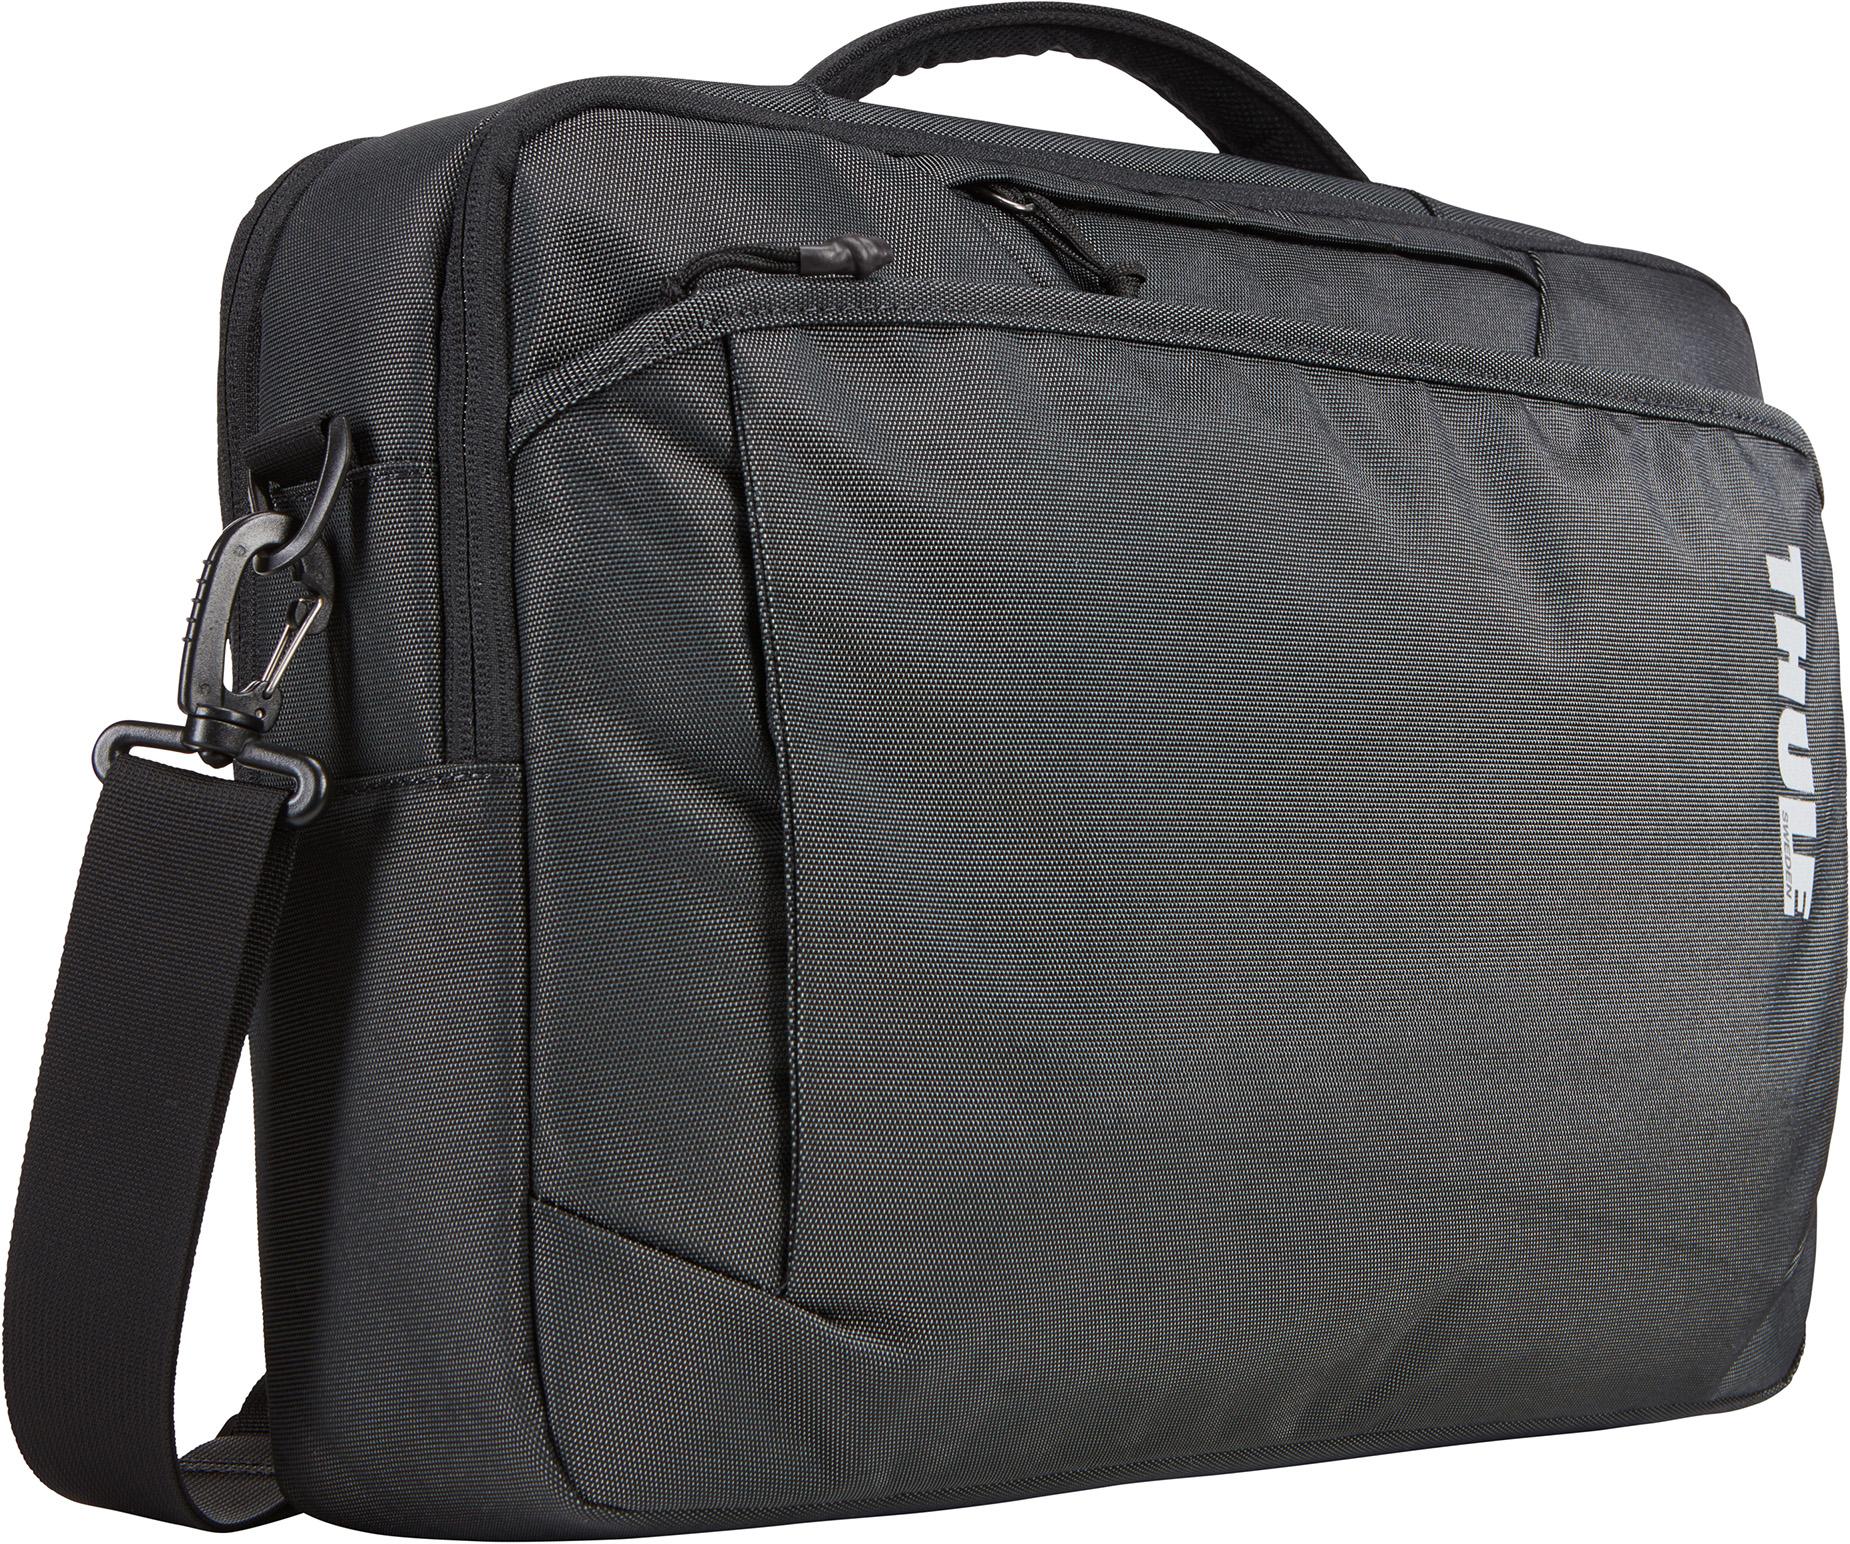 Bild von Thule Subterra 15-Zoll-Laptop-Tasche